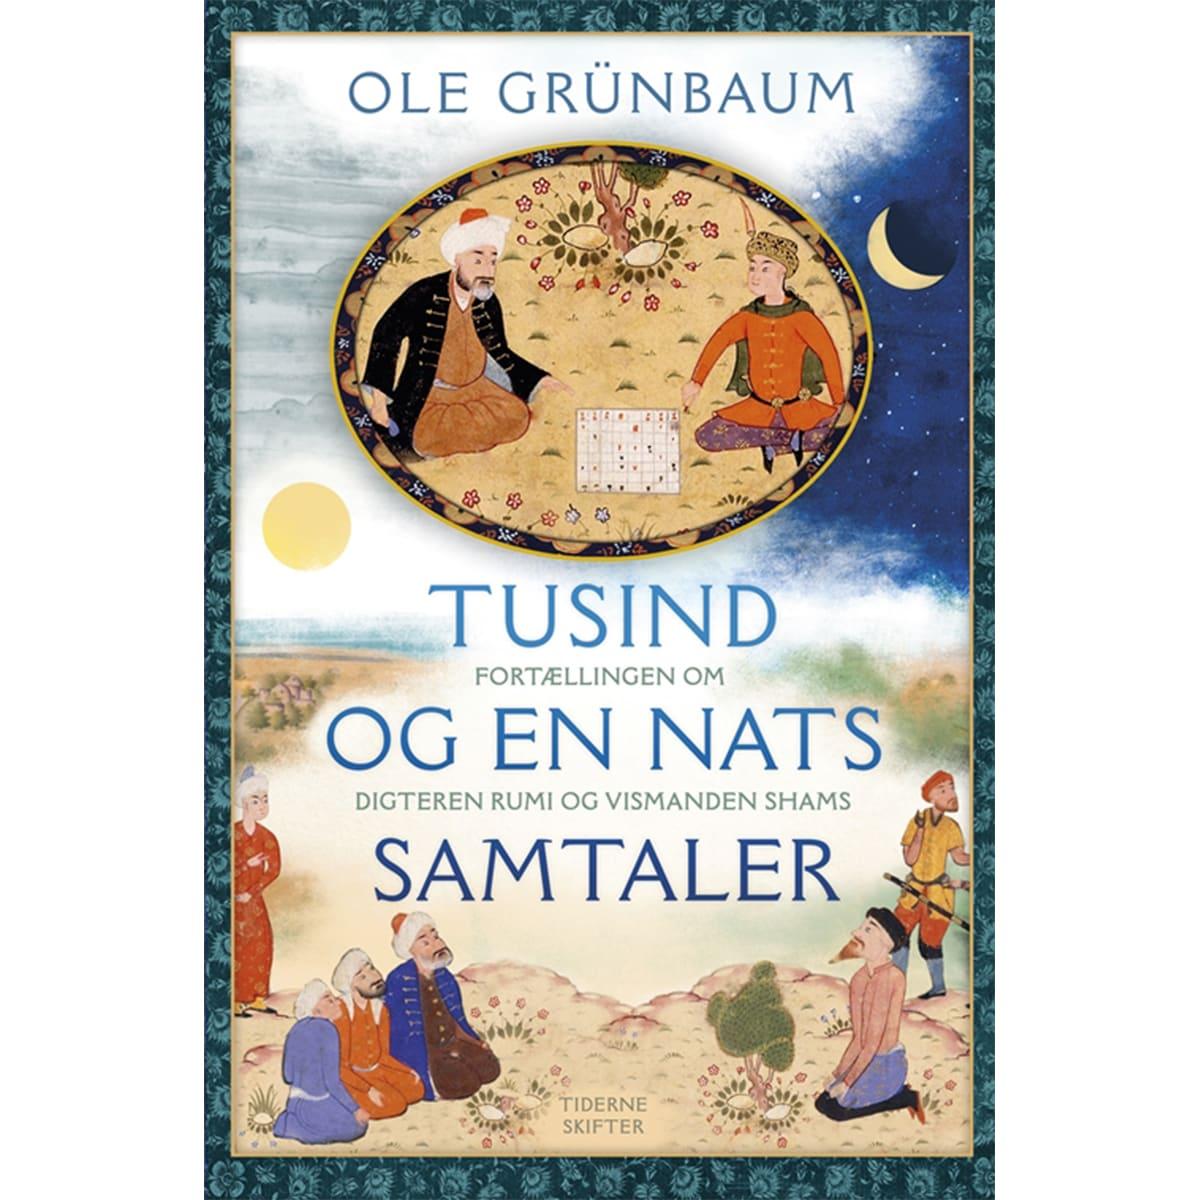 Af Ole Grünbaum